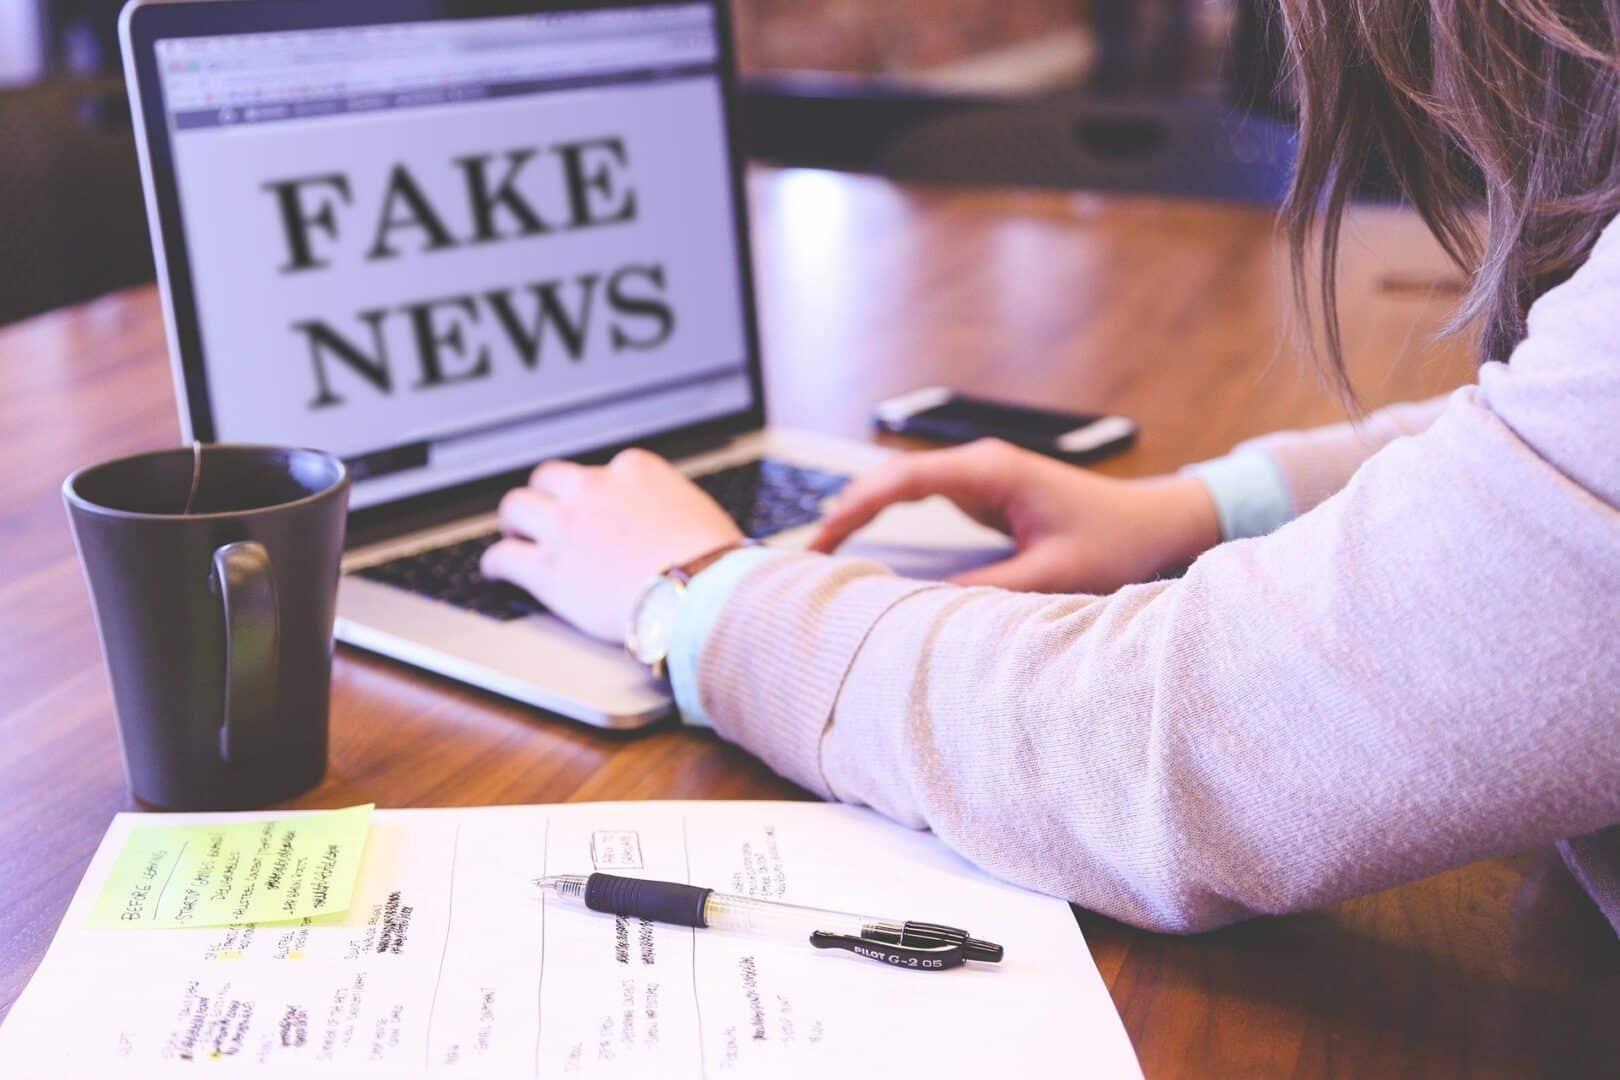 O que significa fake news - como surgem, se propagam e principais riscos